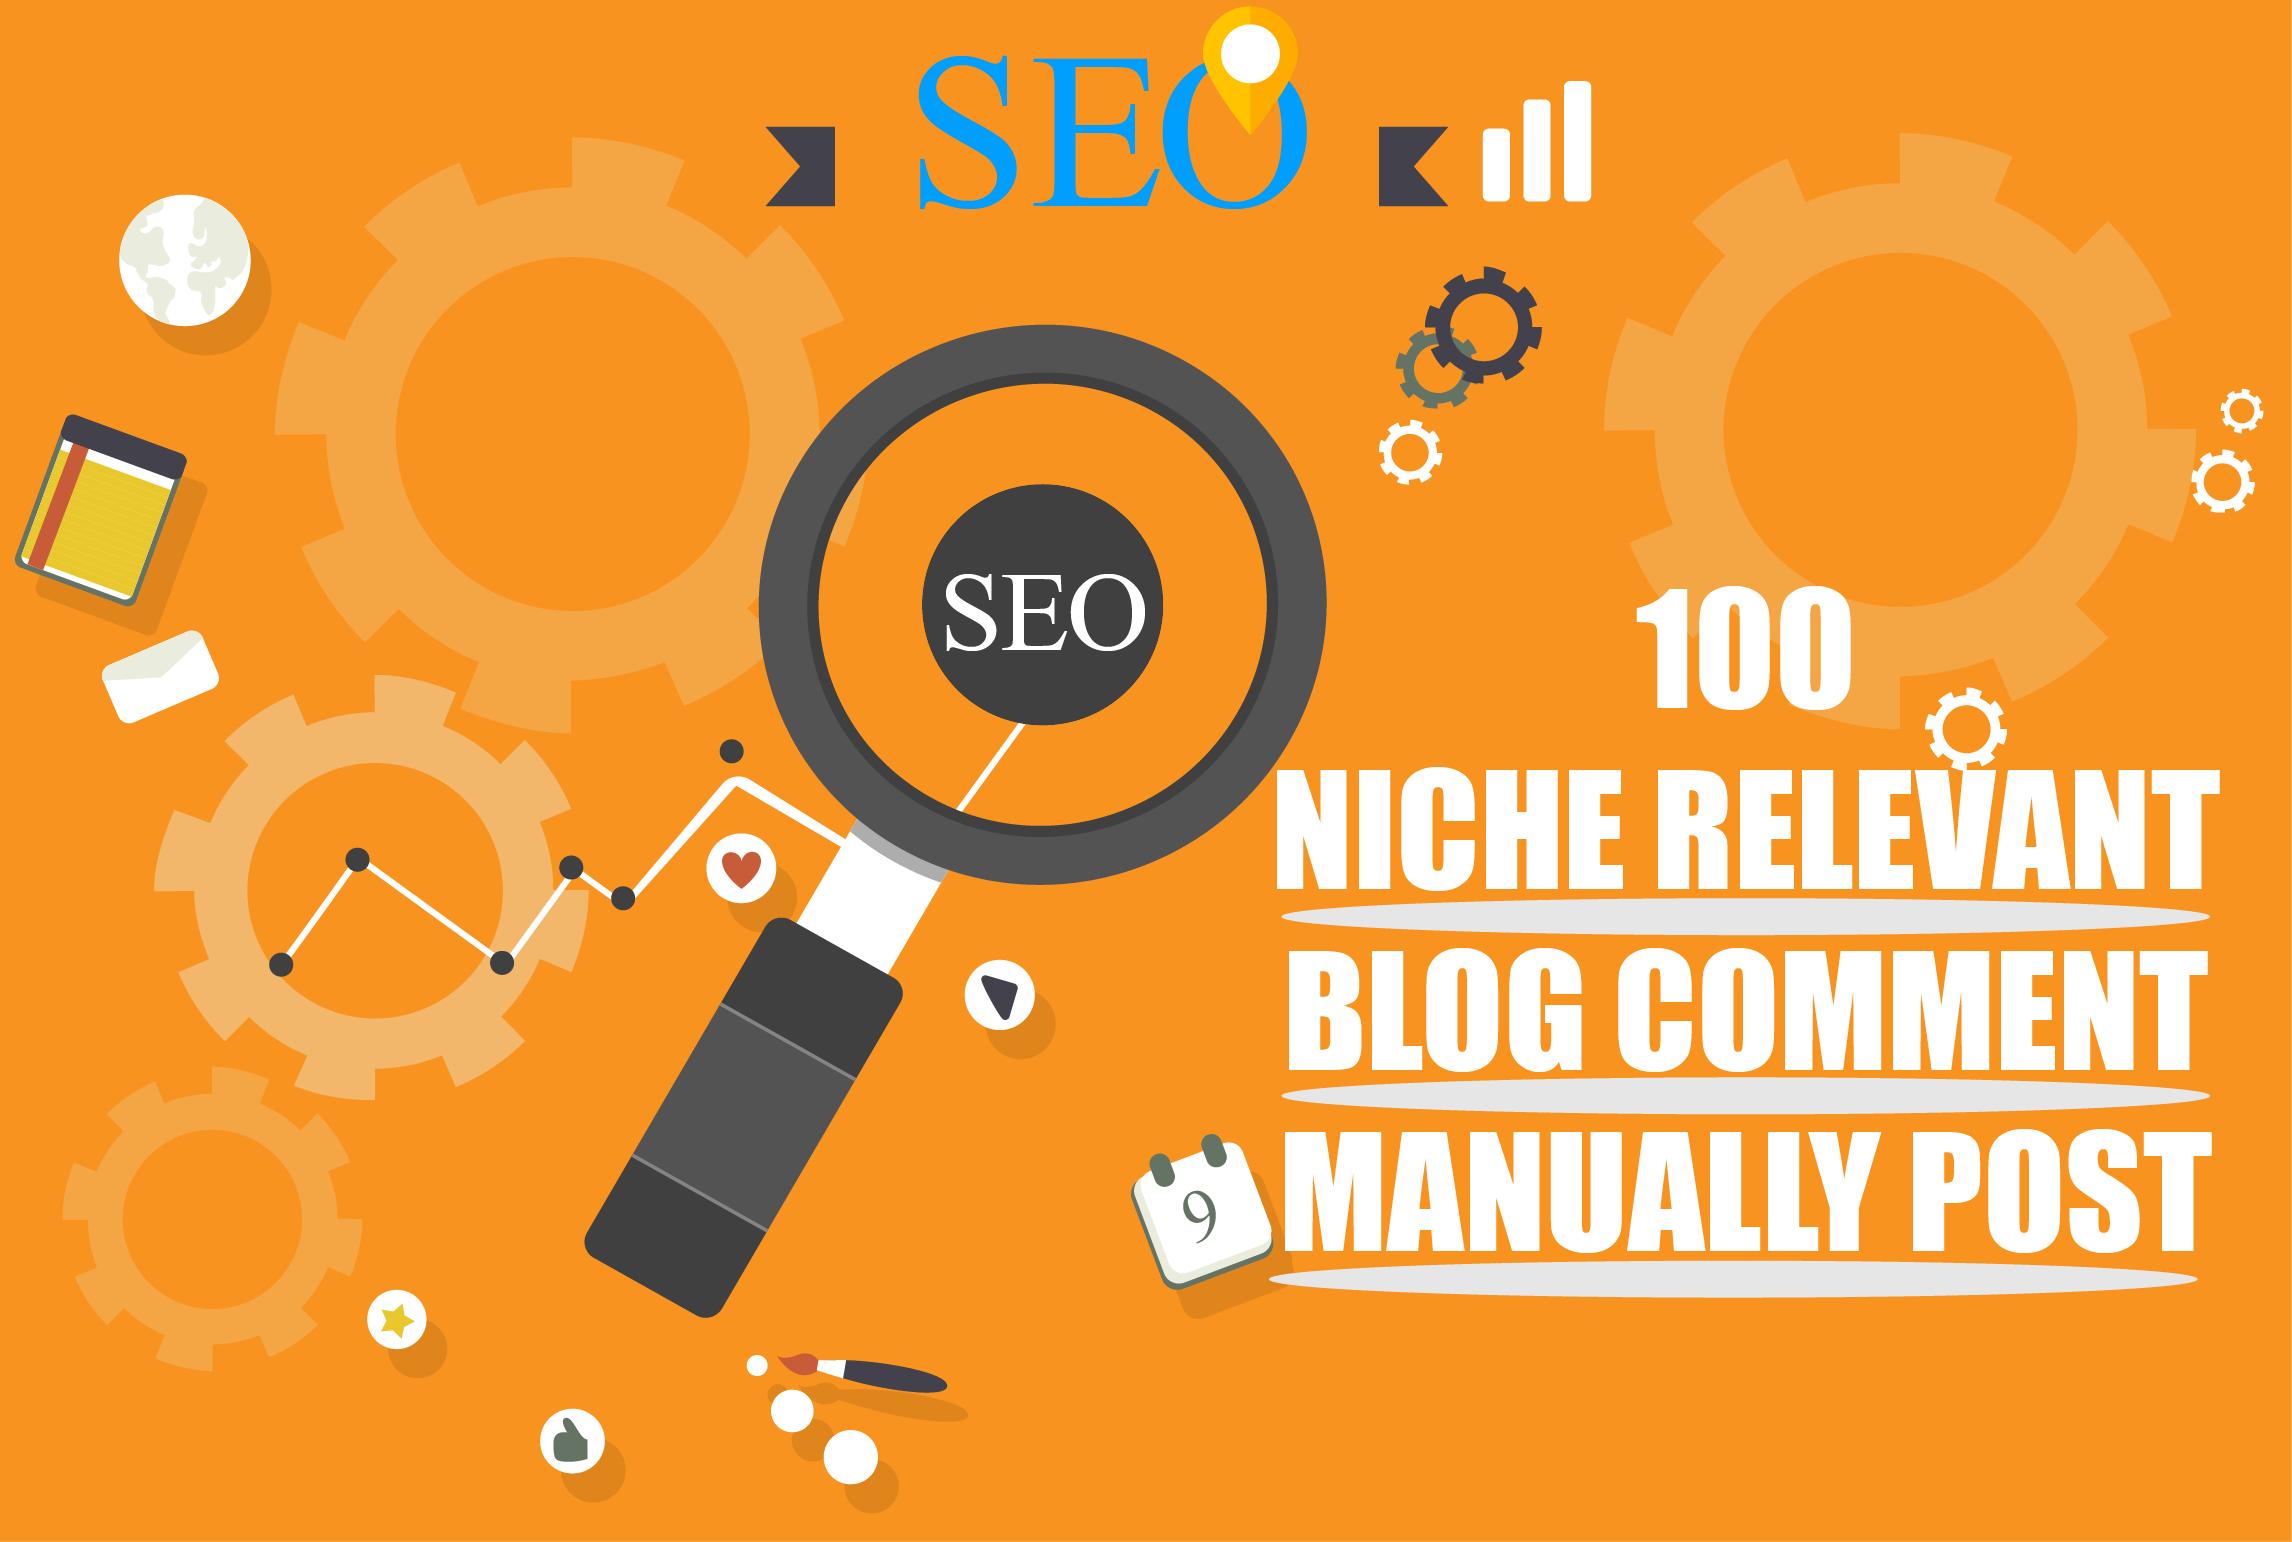 Creats 100 Unique Domains Niche Relevant Blog Comment